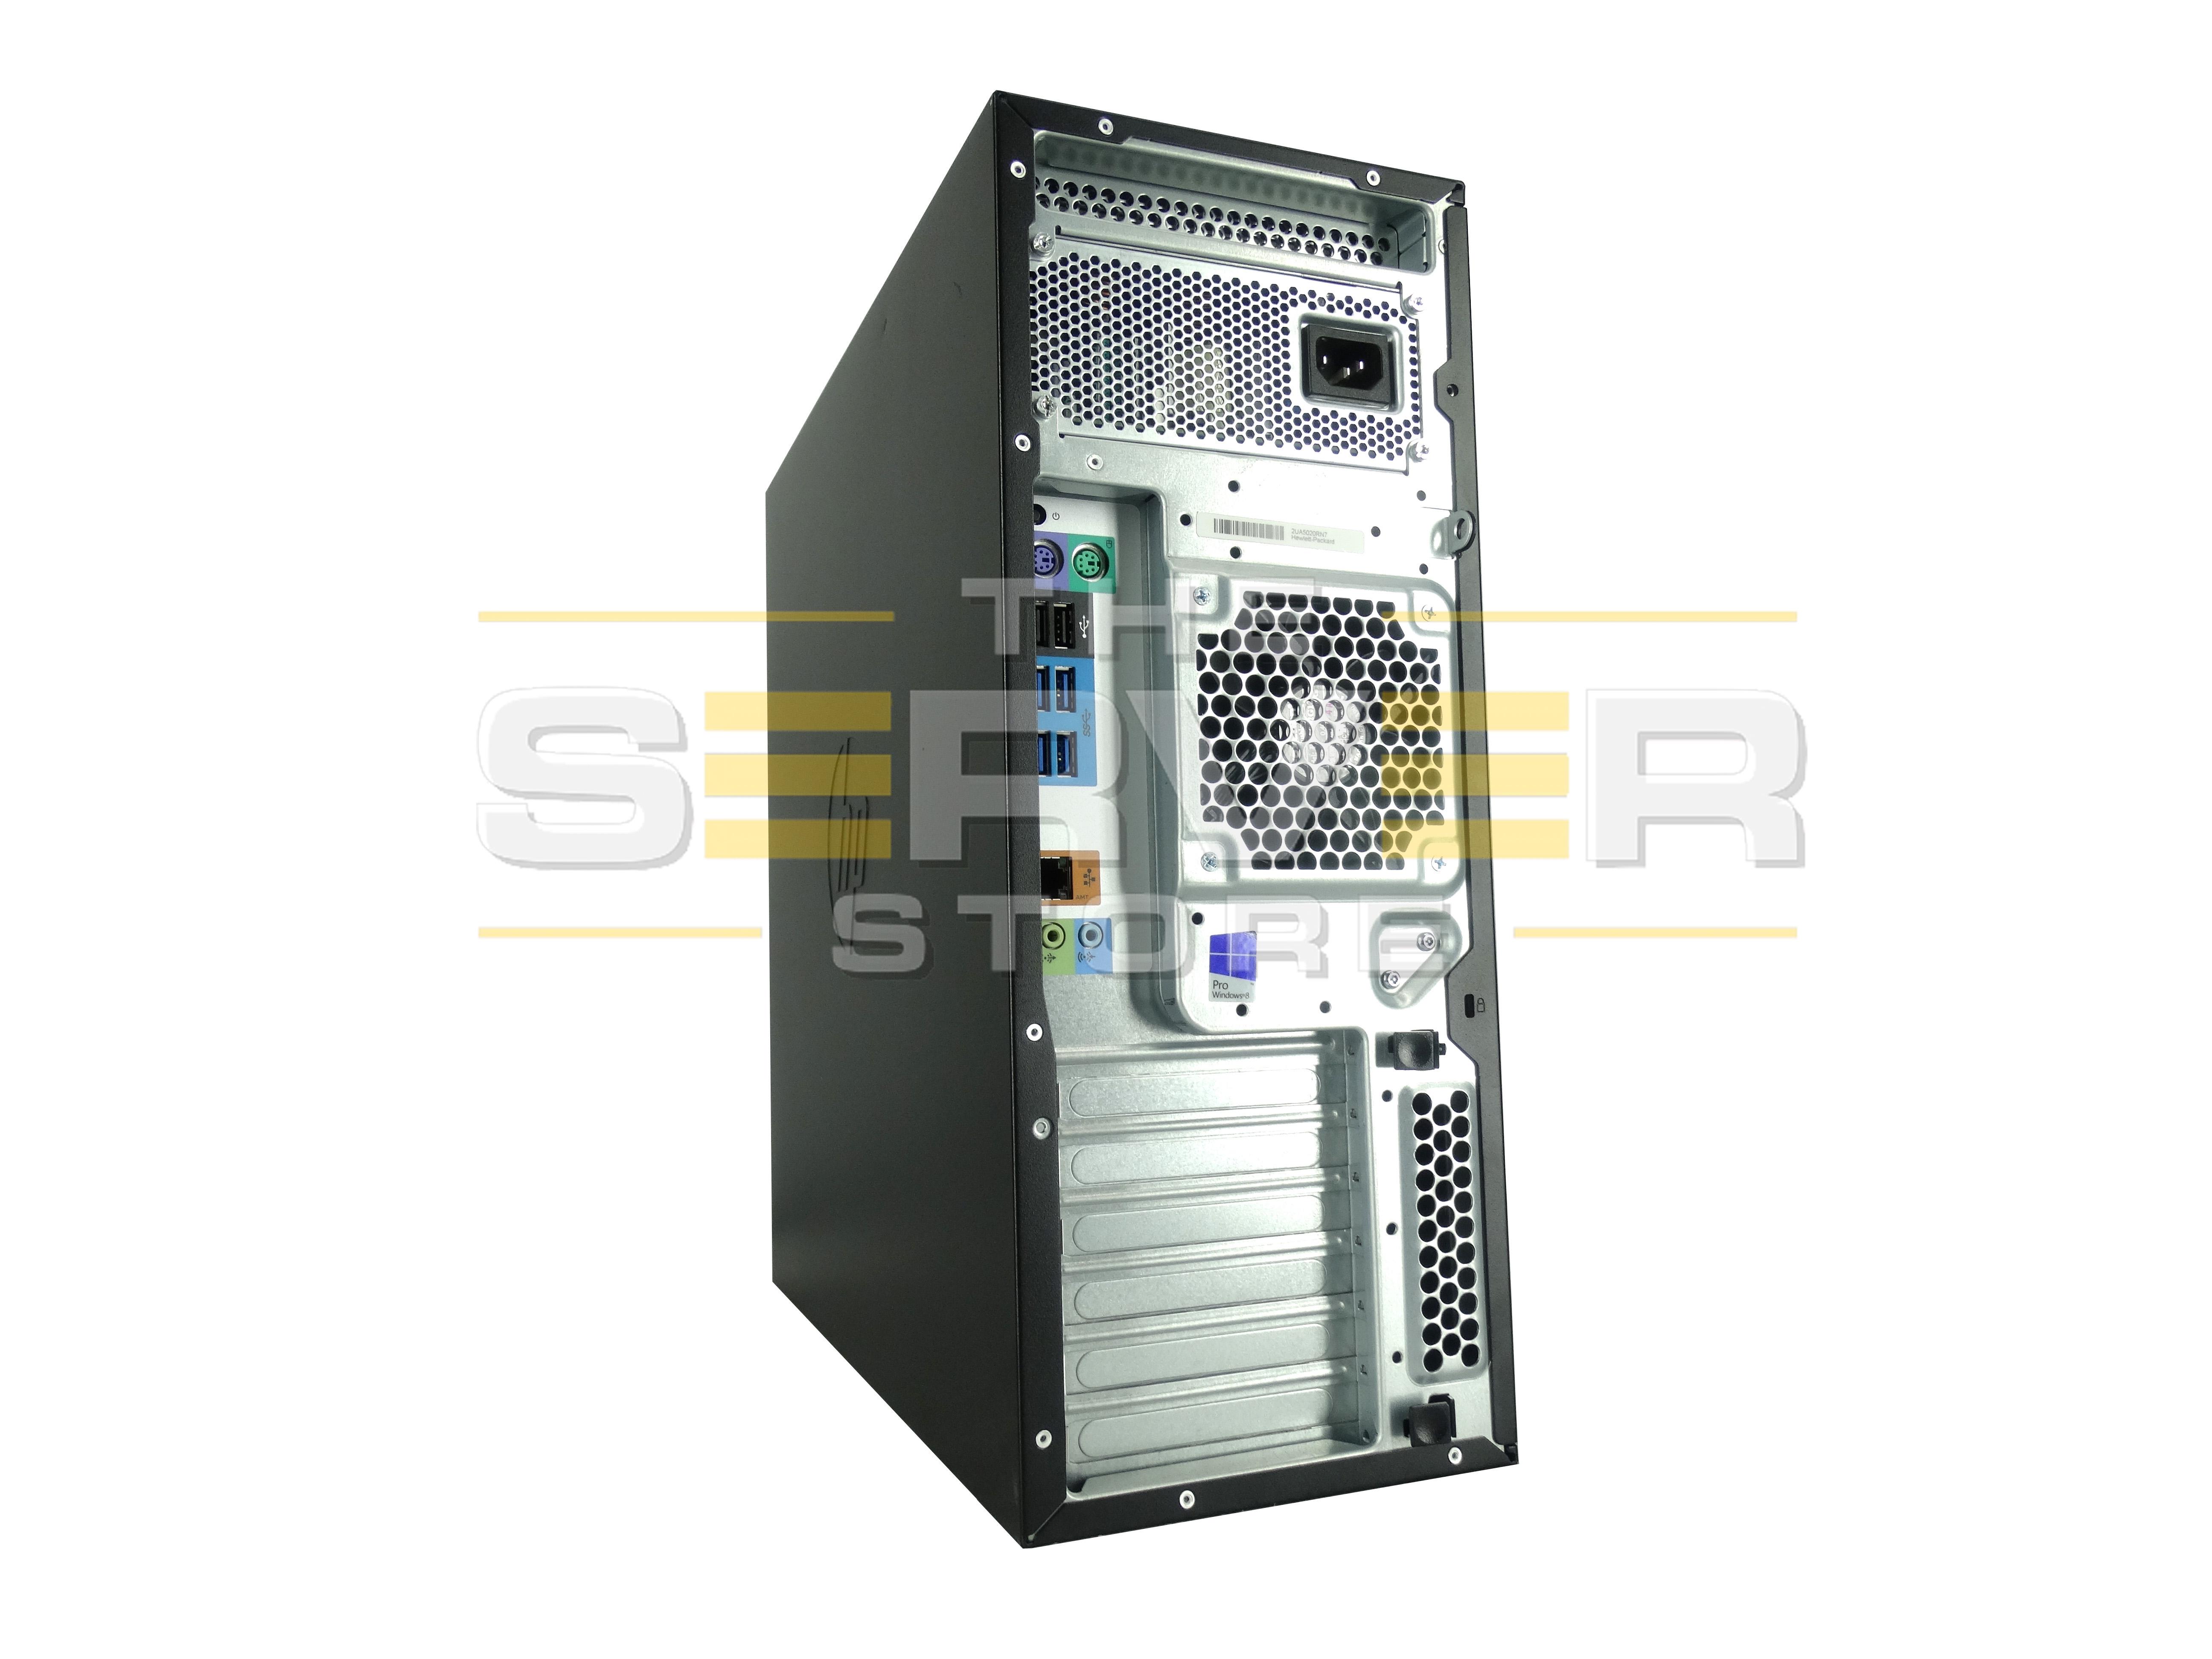 HP Z440 Gaming Computer